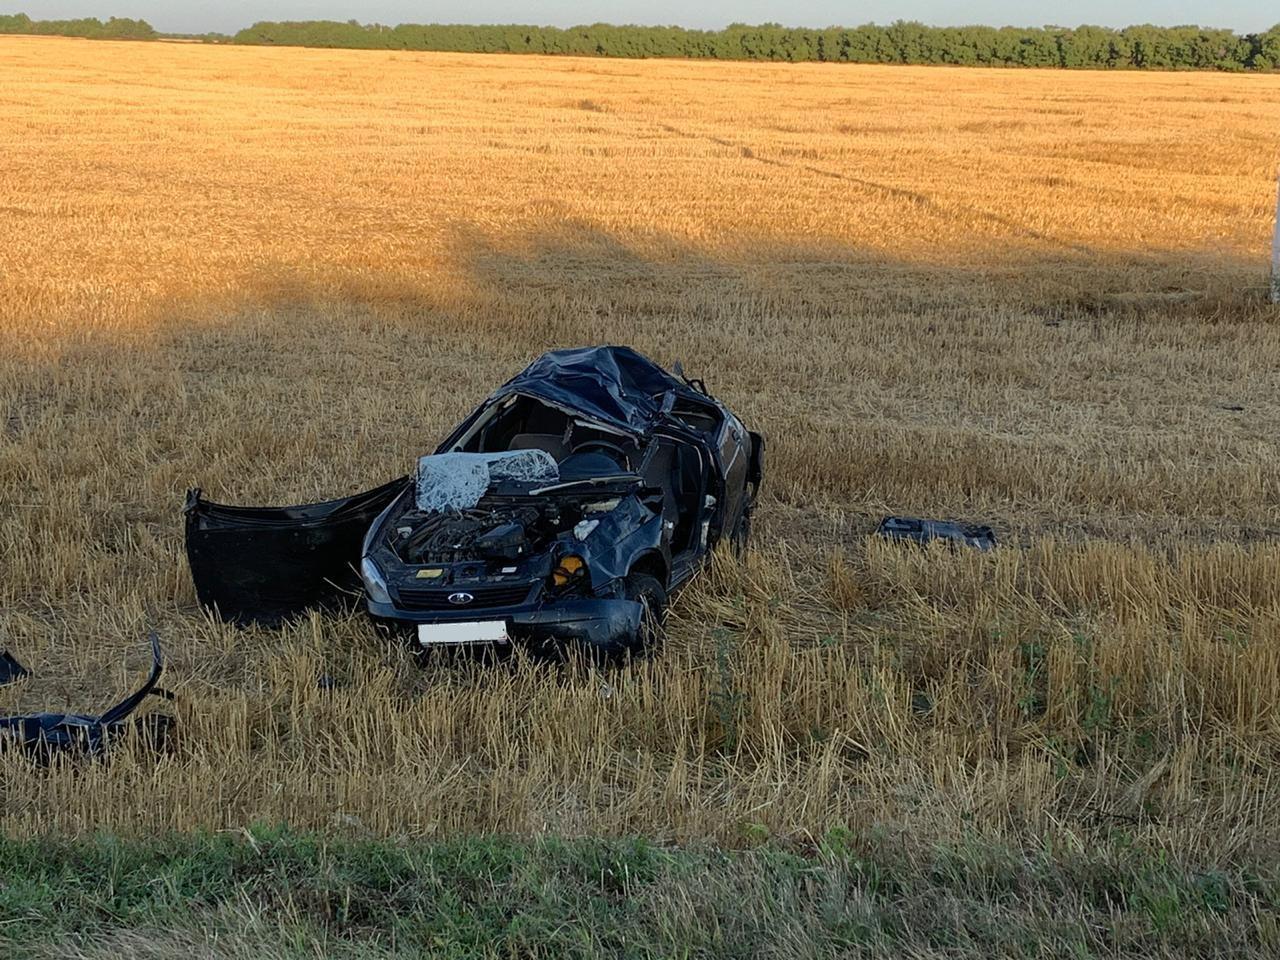 На трассе в Самарской области молодой водитель выжил в перевернувшемся авто